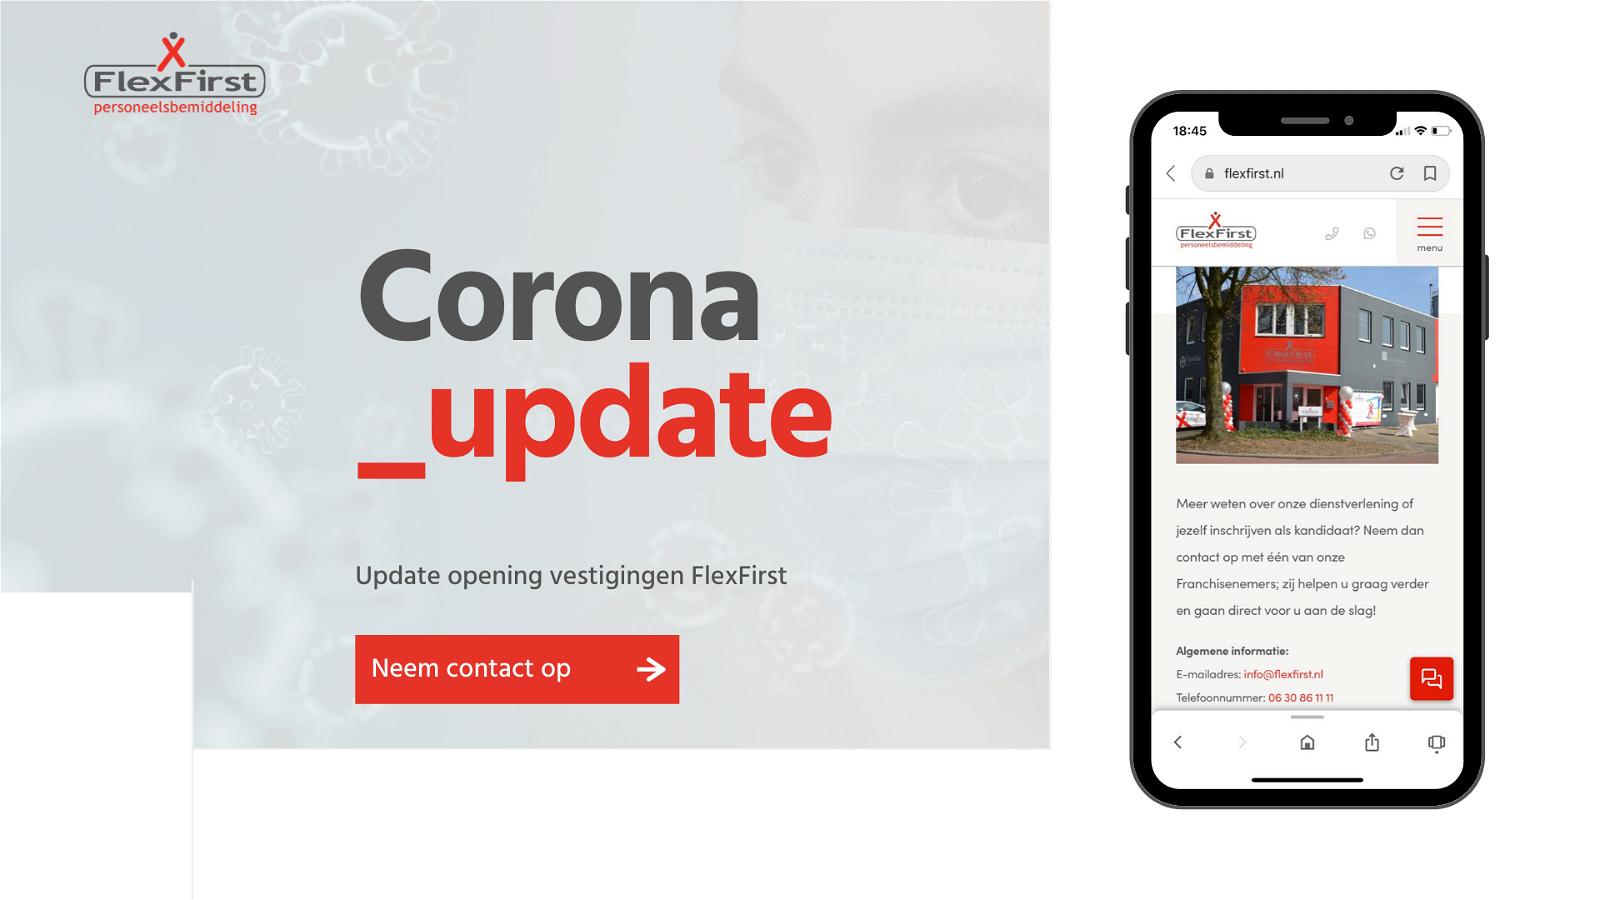 Coronavirus update FlexFirst